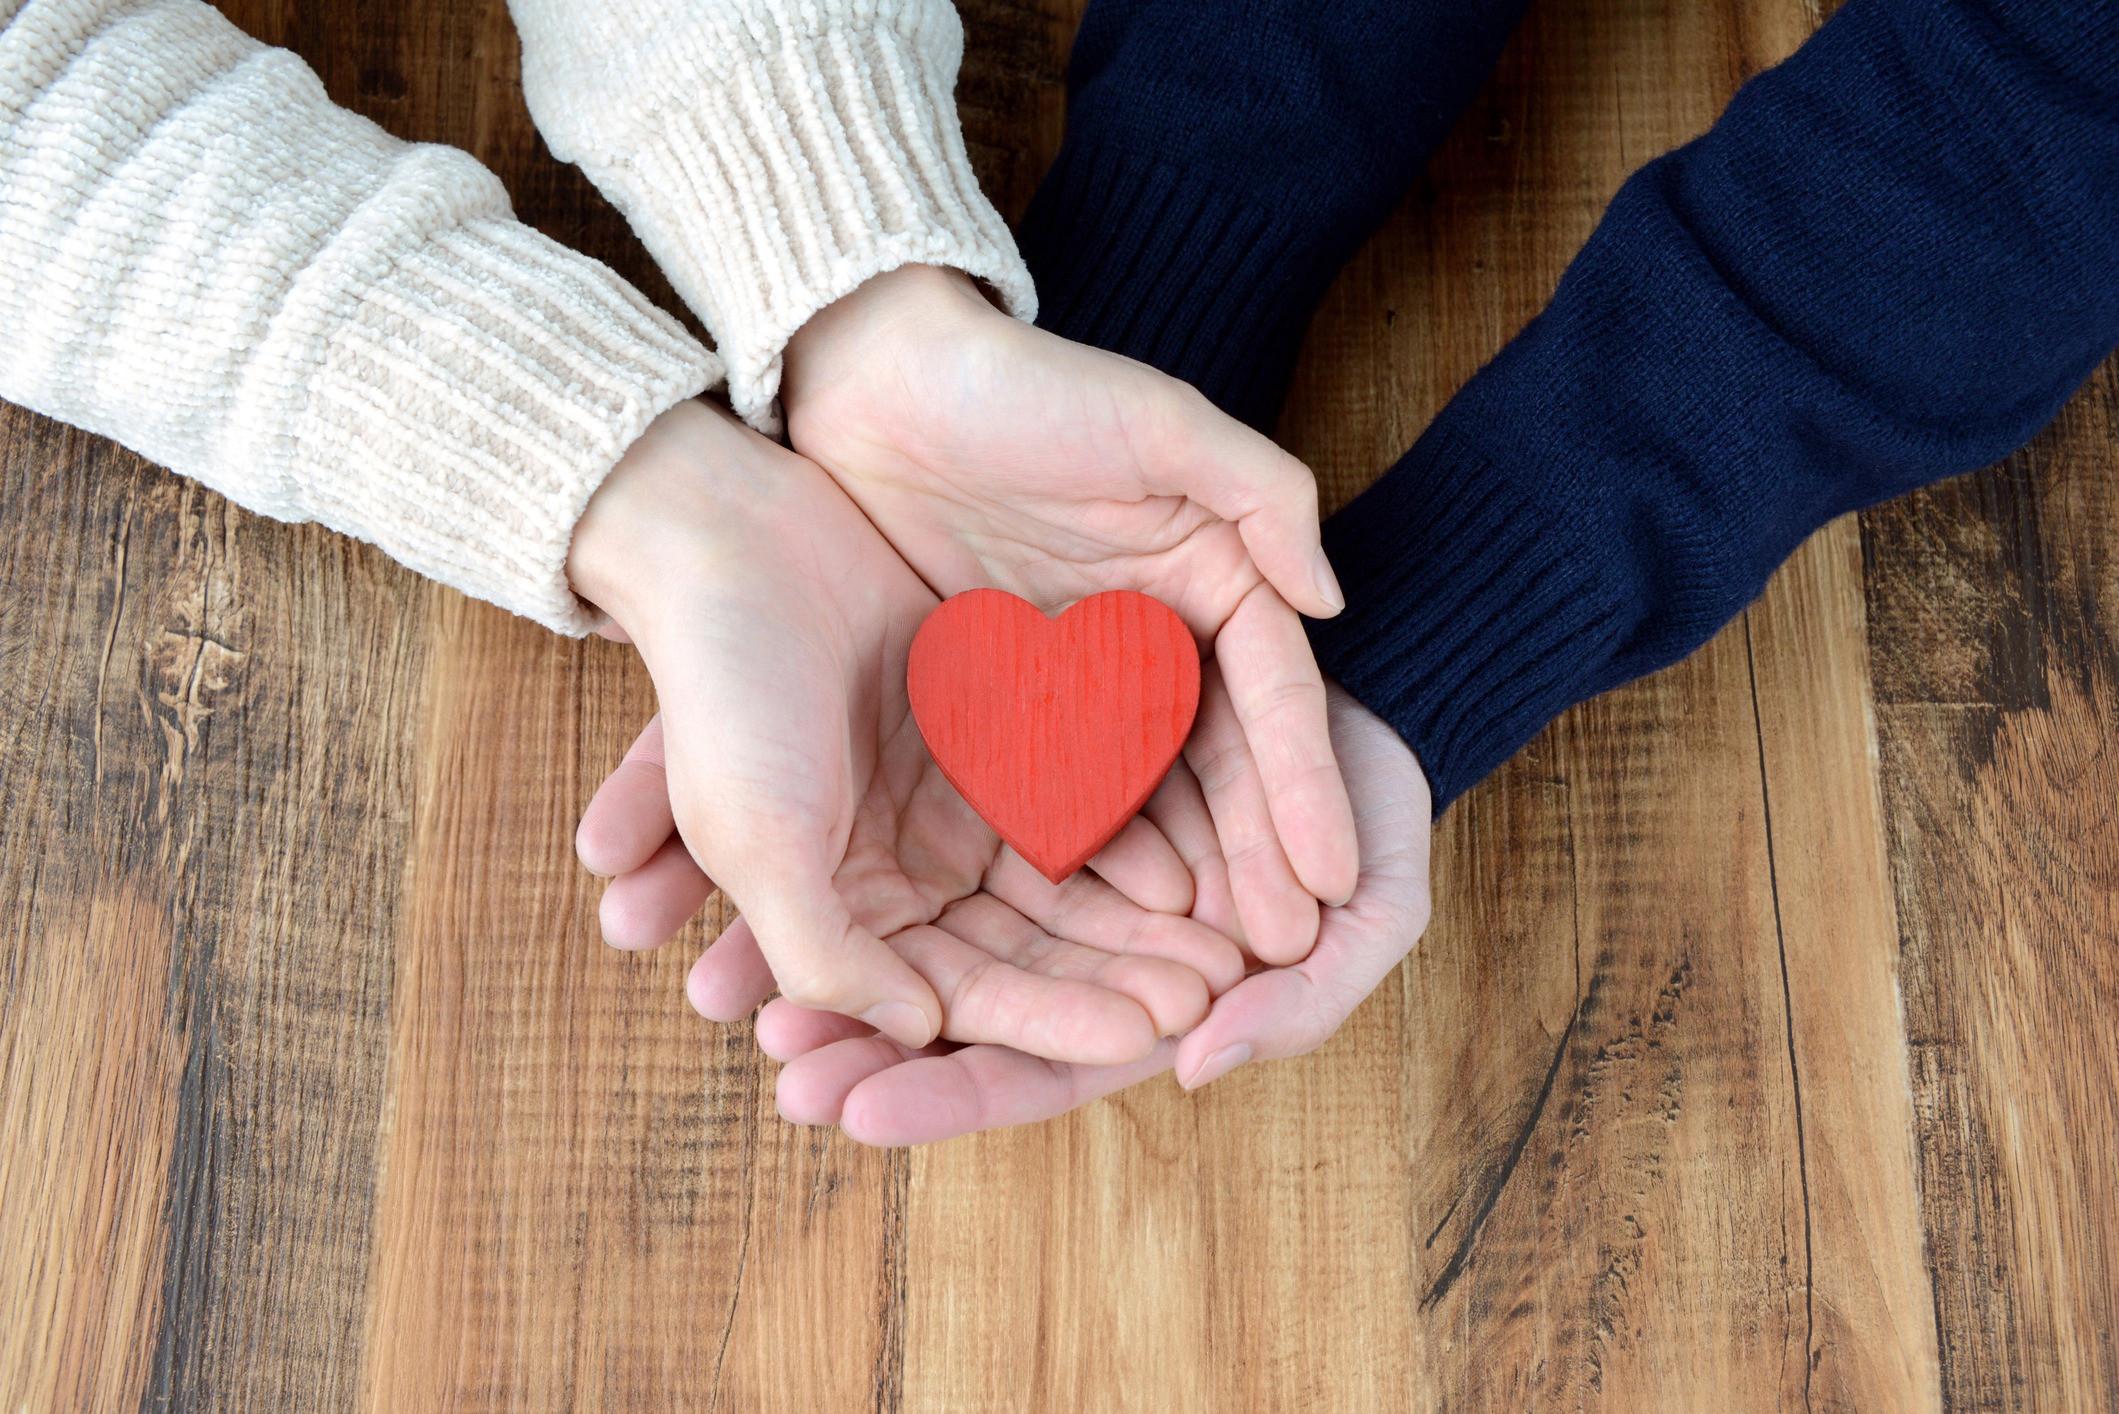 Saint-Valentin: la fête des amoureux en version zéro déchet